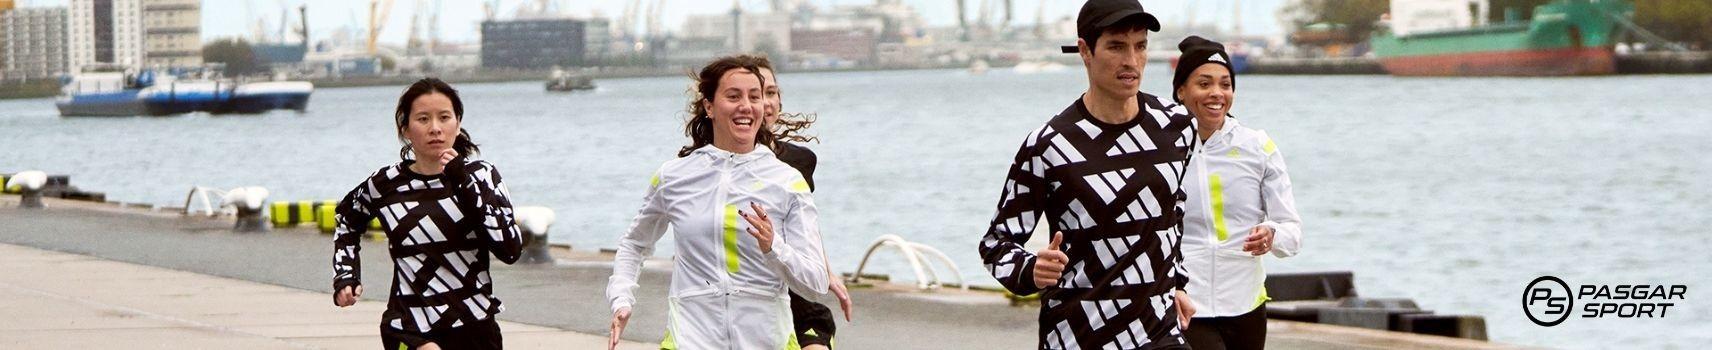 Partes de bajo en Ropa de Deporte para mujer en Pasgar Sport